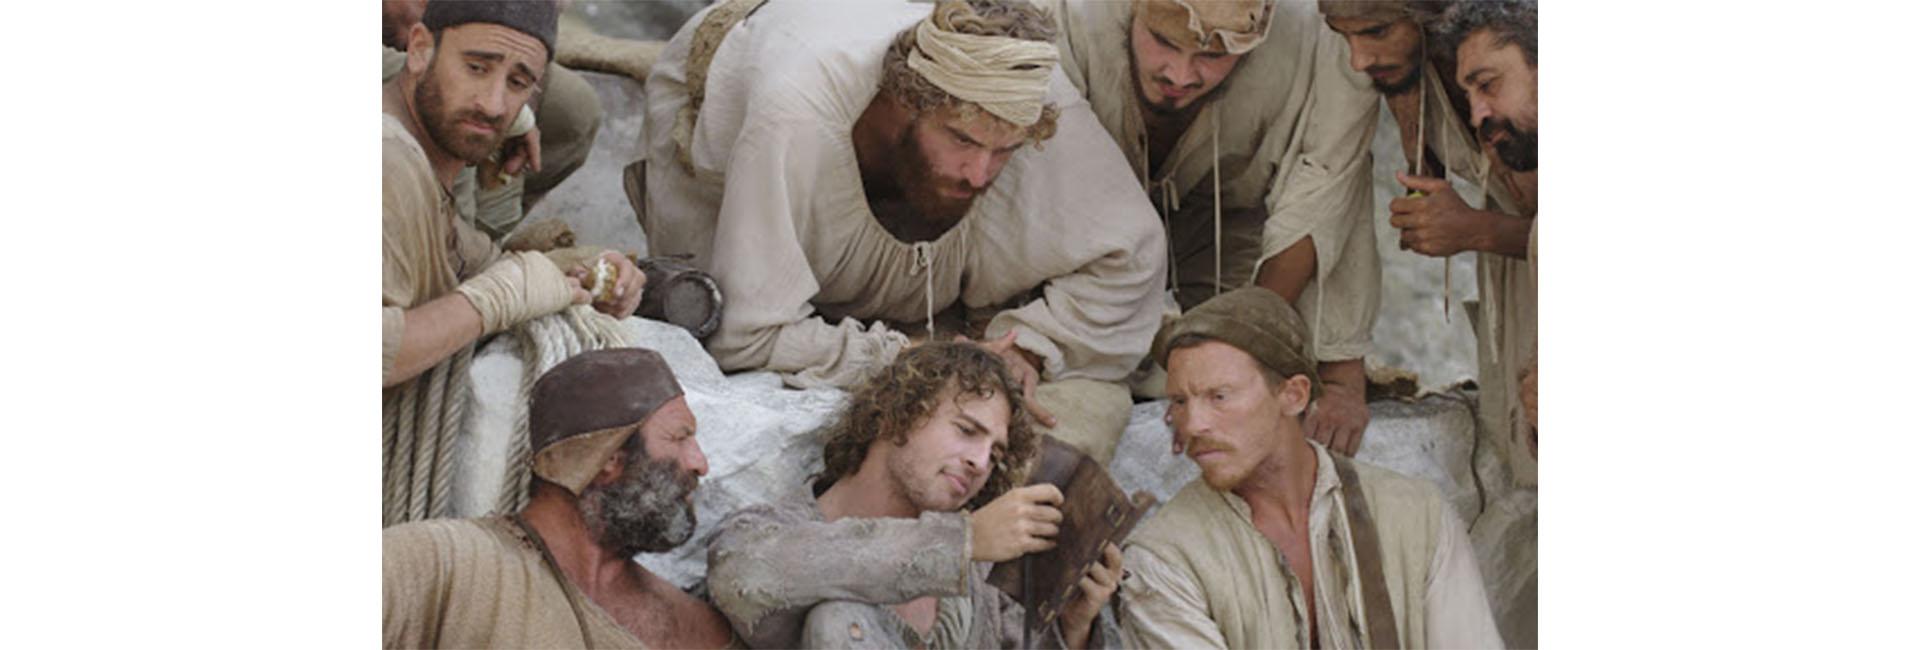 (Português) O PECADO, um filme de Andrei Konchalovsky